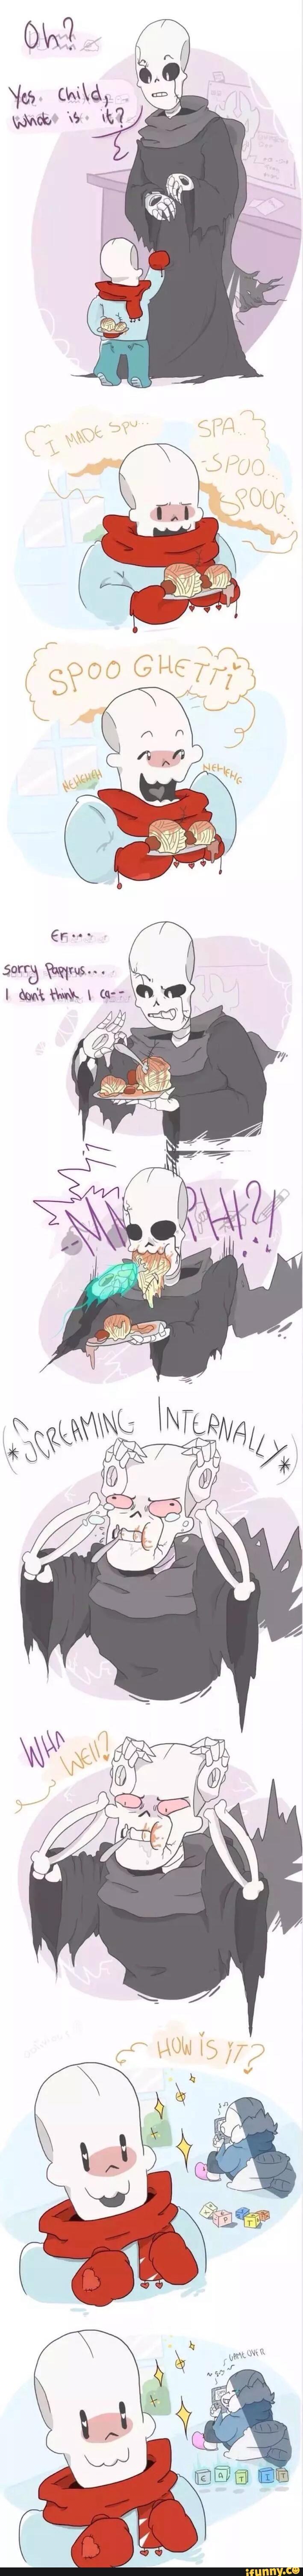 J'aime trop cette BD avec Sans sur sa ds XD Tu vas les manger ces spaghettis, oui ?!